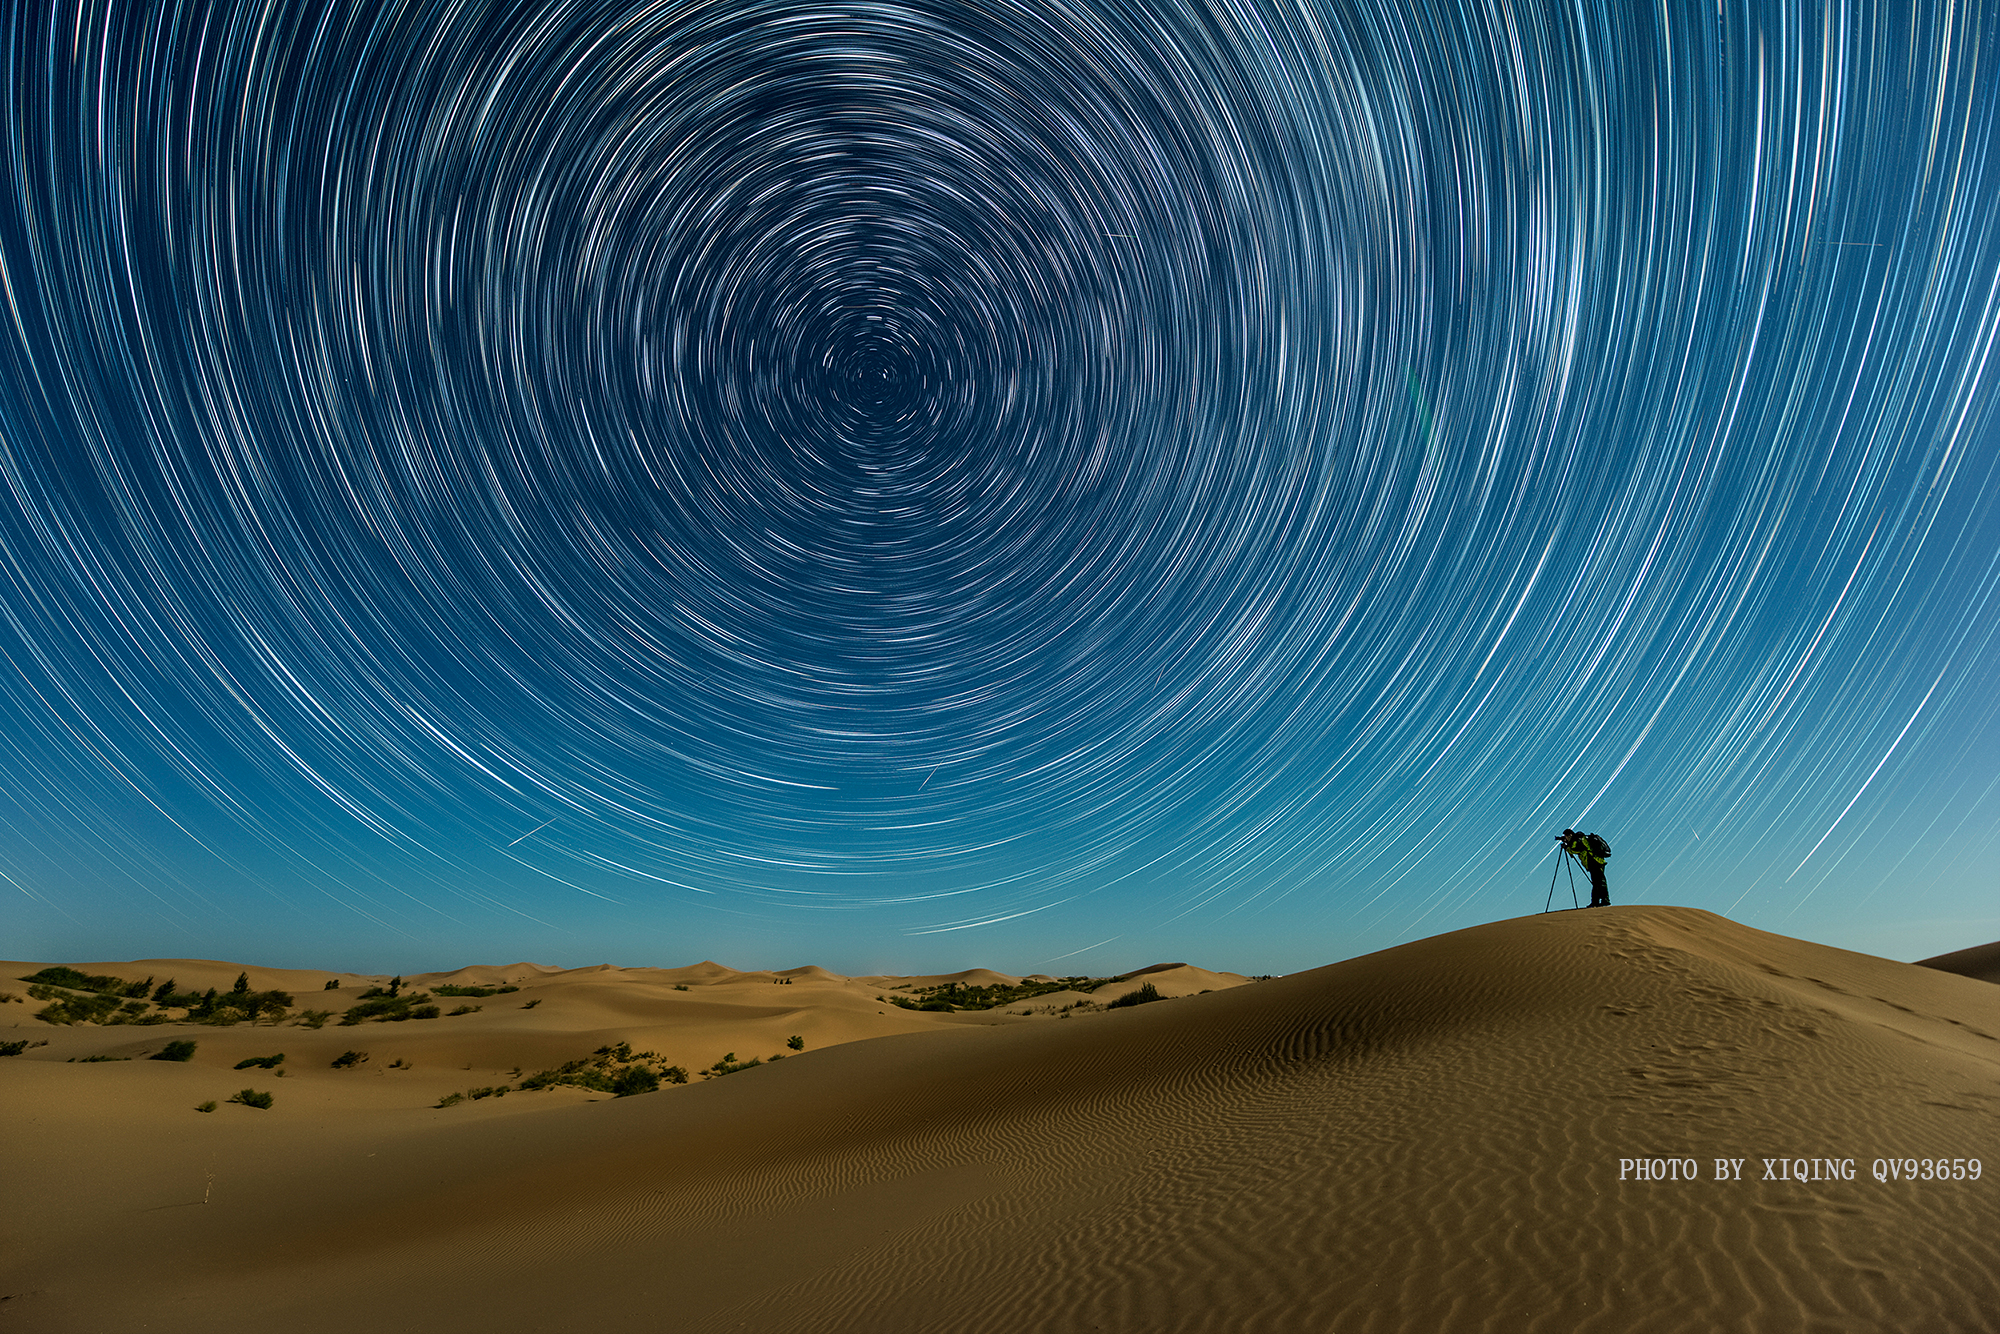 大漠星轨.jpg